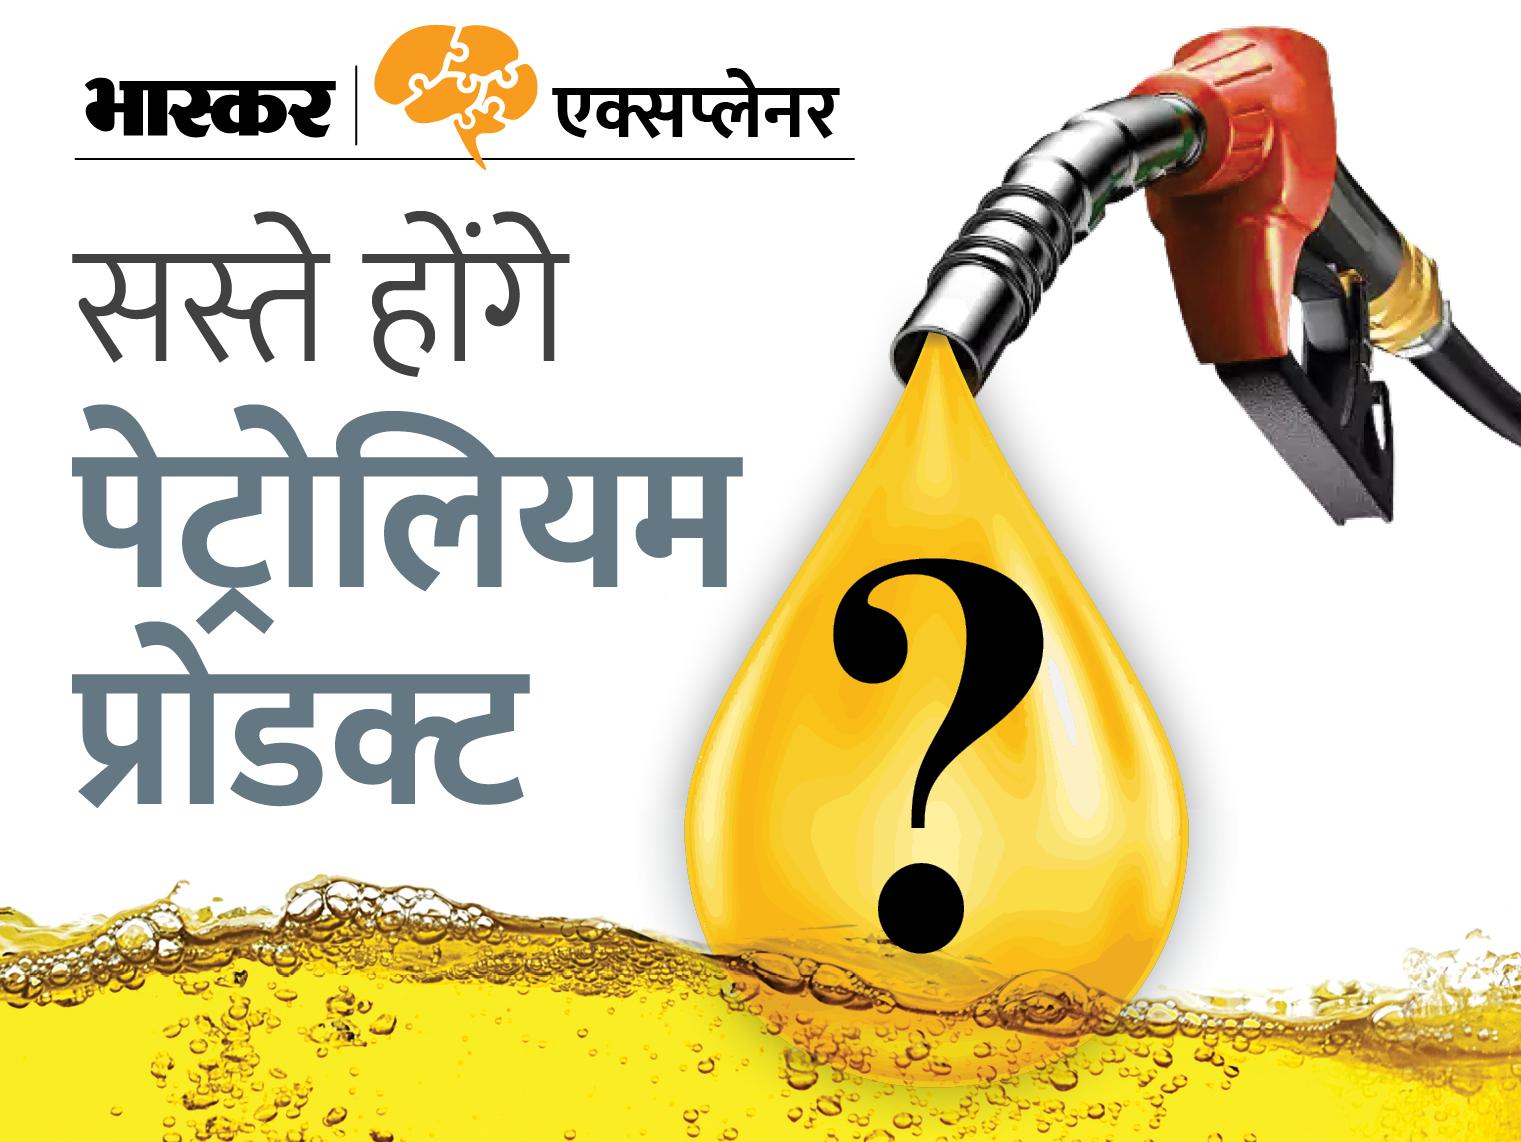 GST काउंसिल कर सकती है पेट्रोल-डीजल को GST के दायरे में लाने पर विचार, ऐसा हुआ तो आपको कितना फायदा? सरकार को कितना नुकसान? जानें सबकुछ|एक्सप्लेनर,Explainer - Dainik Bhaskar